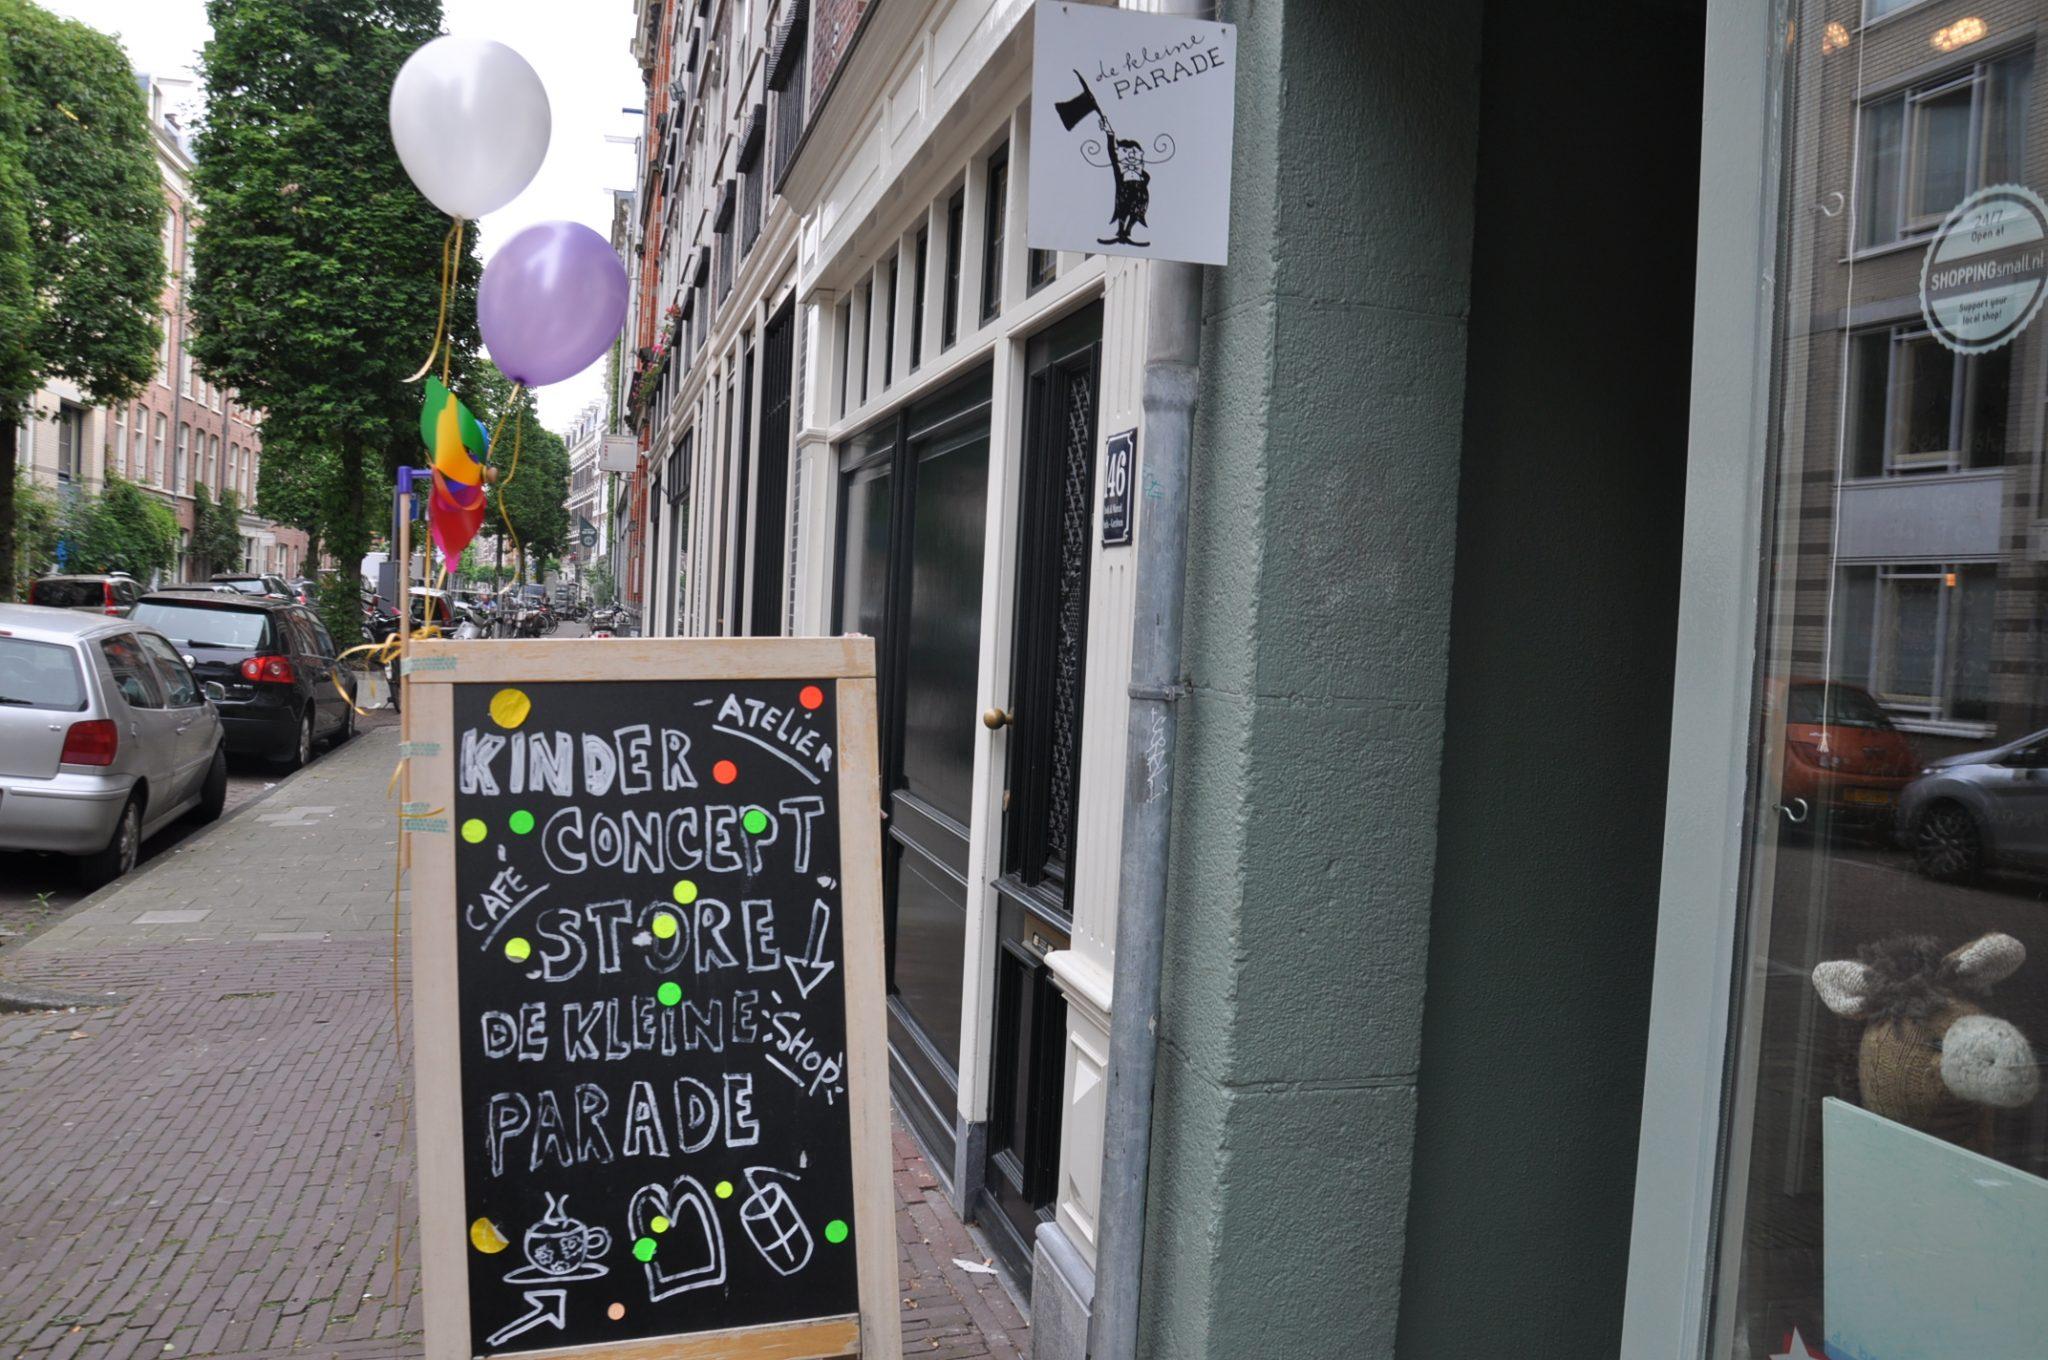 Dit feestje vond plaats in conceptstore de Kleine Parade te Amsterdam.